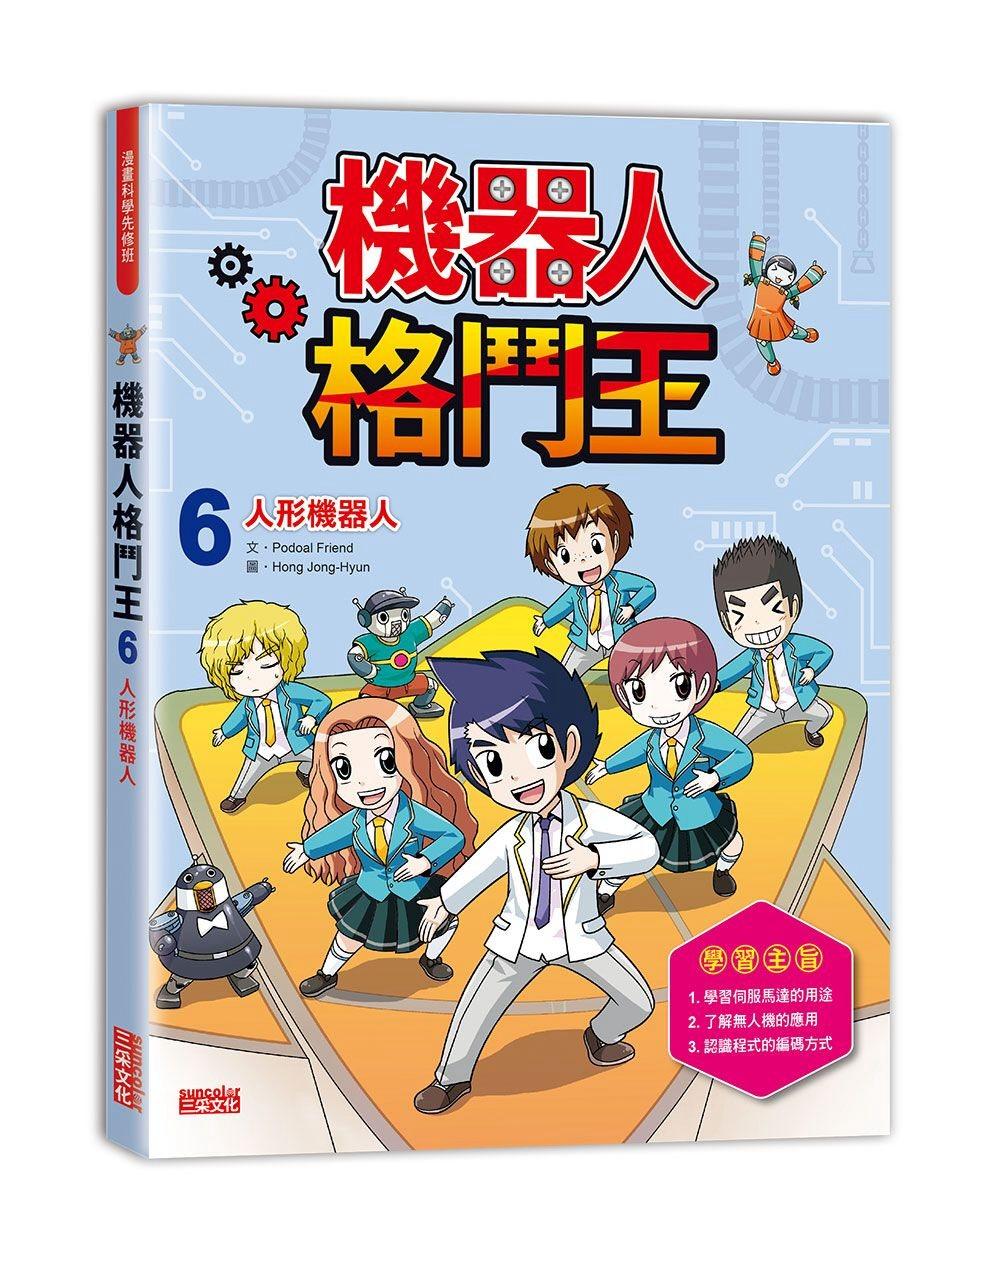 機器人格鬥王6:人形機器人